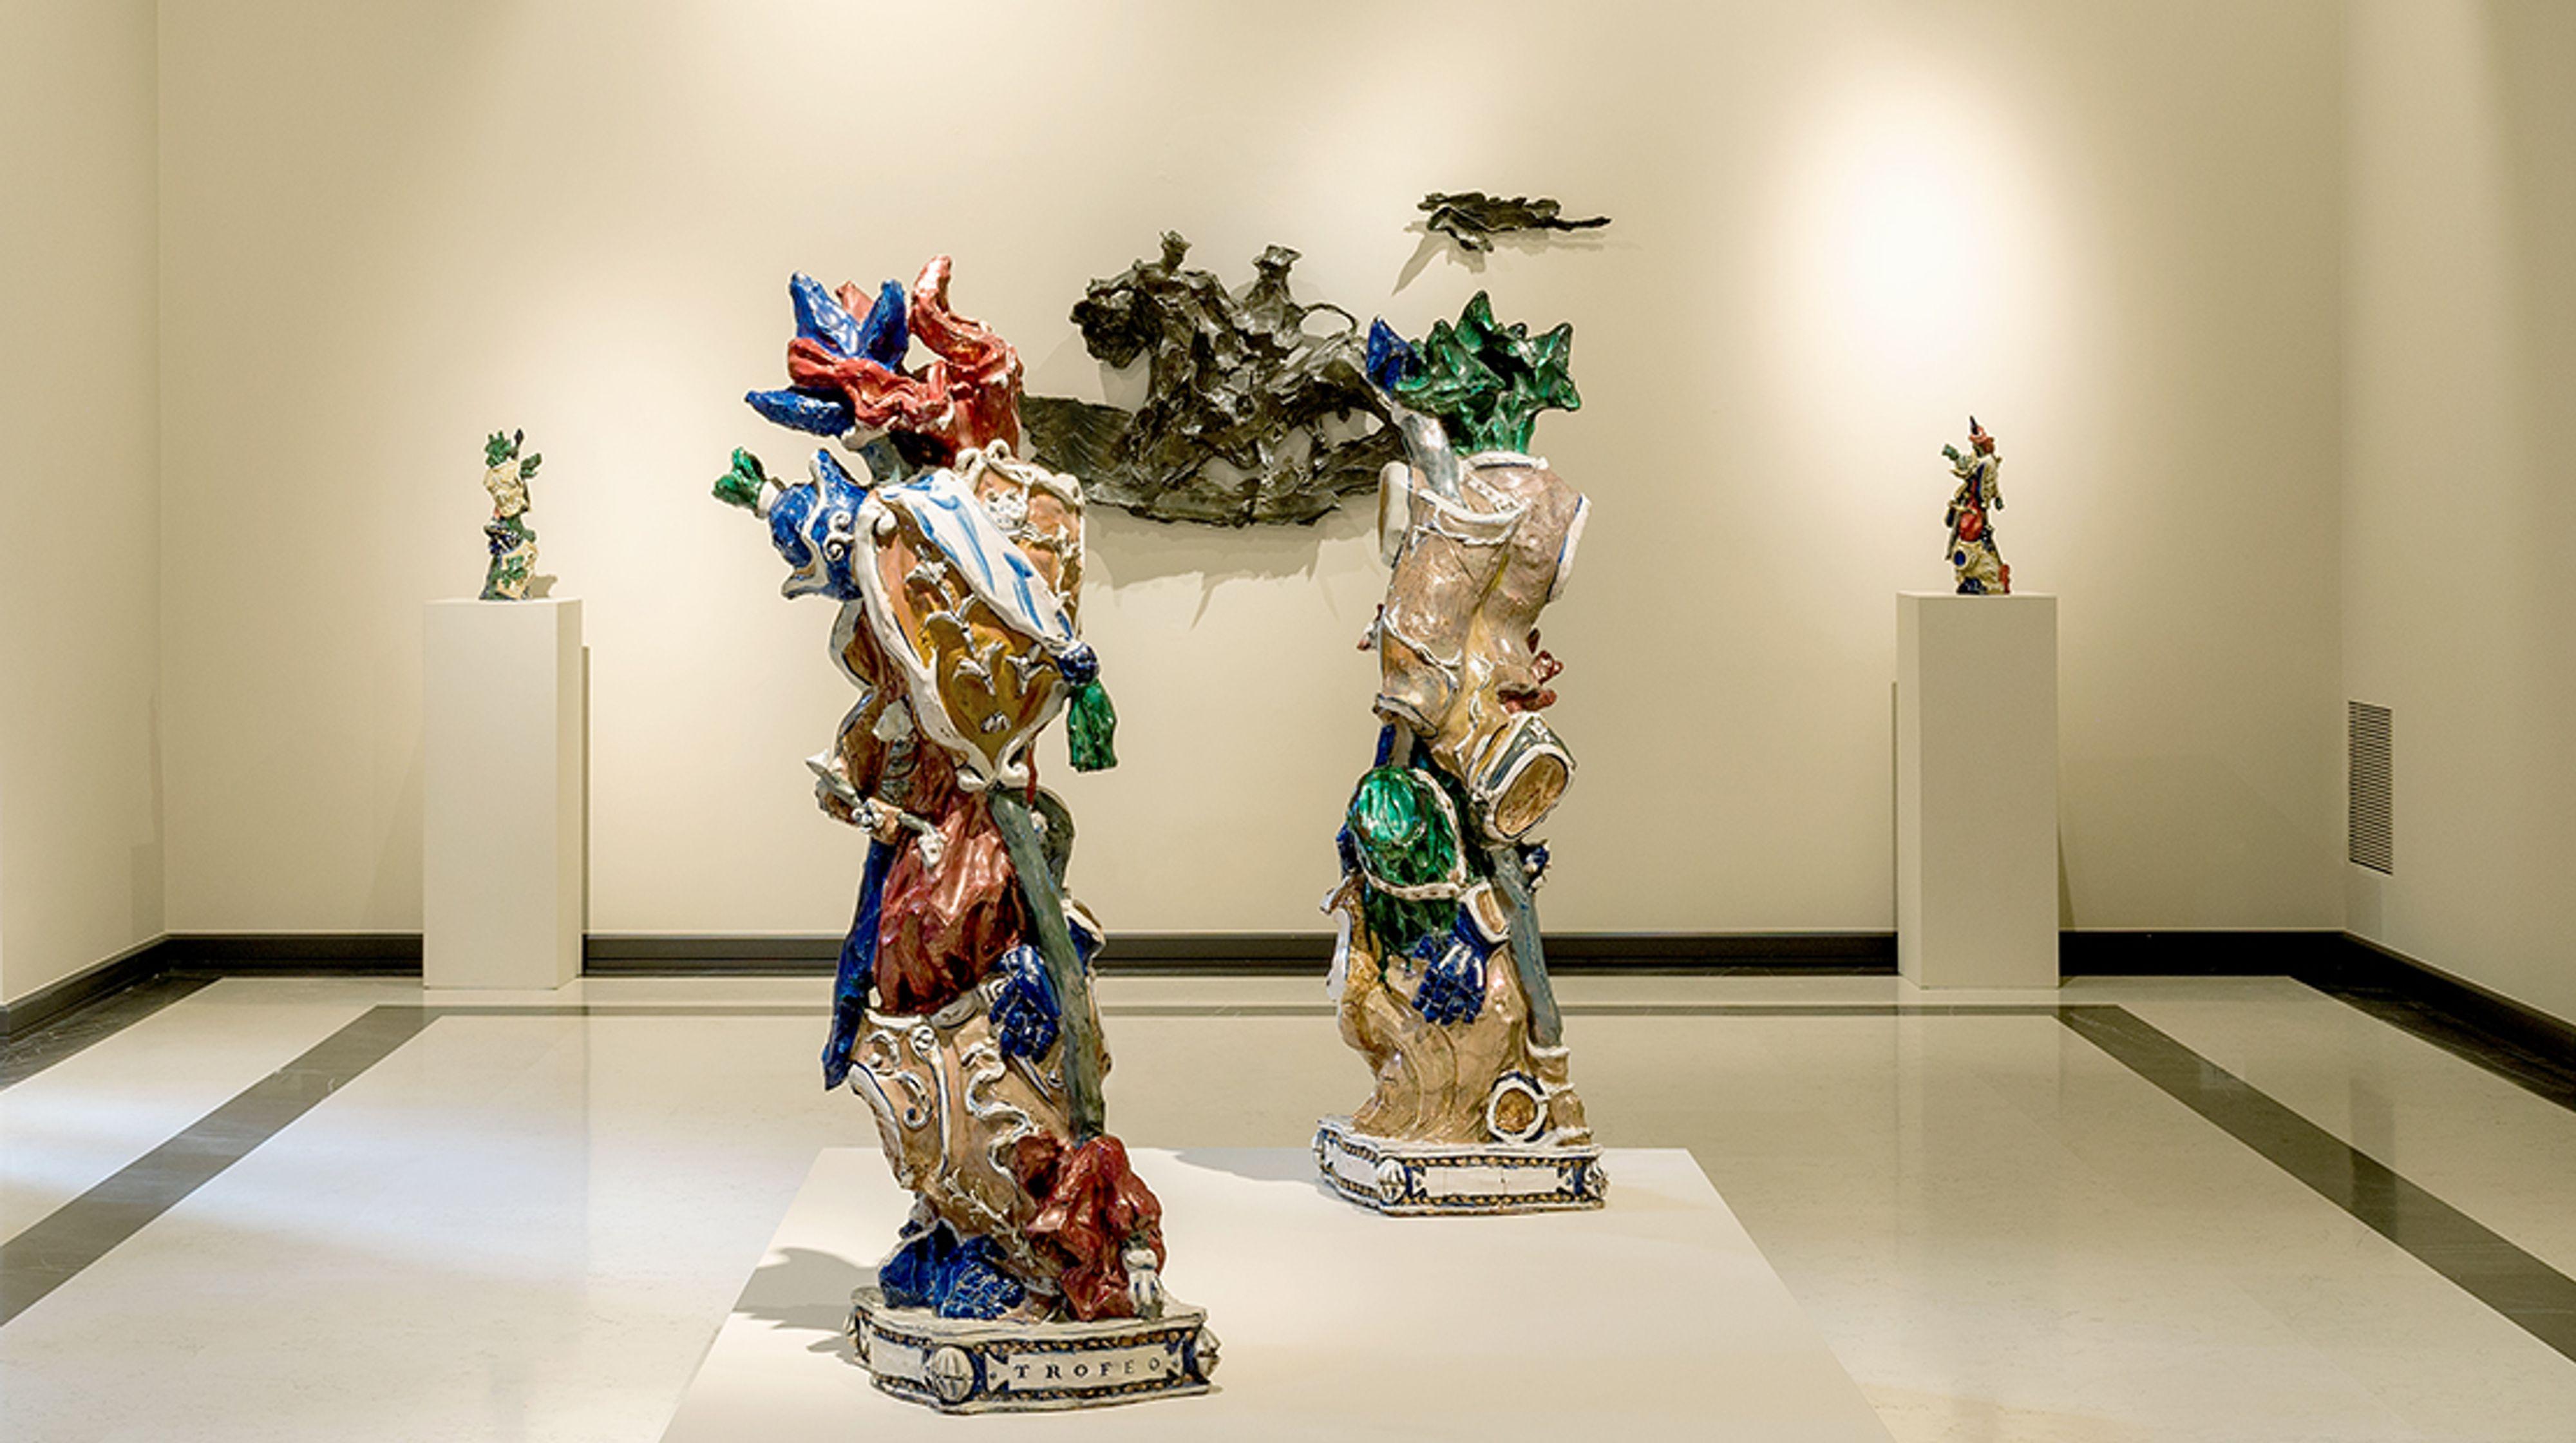 Milano, una mostra indaga le influenze barocche su Lucio Fontana, Leoncillo e Fausto Melotti